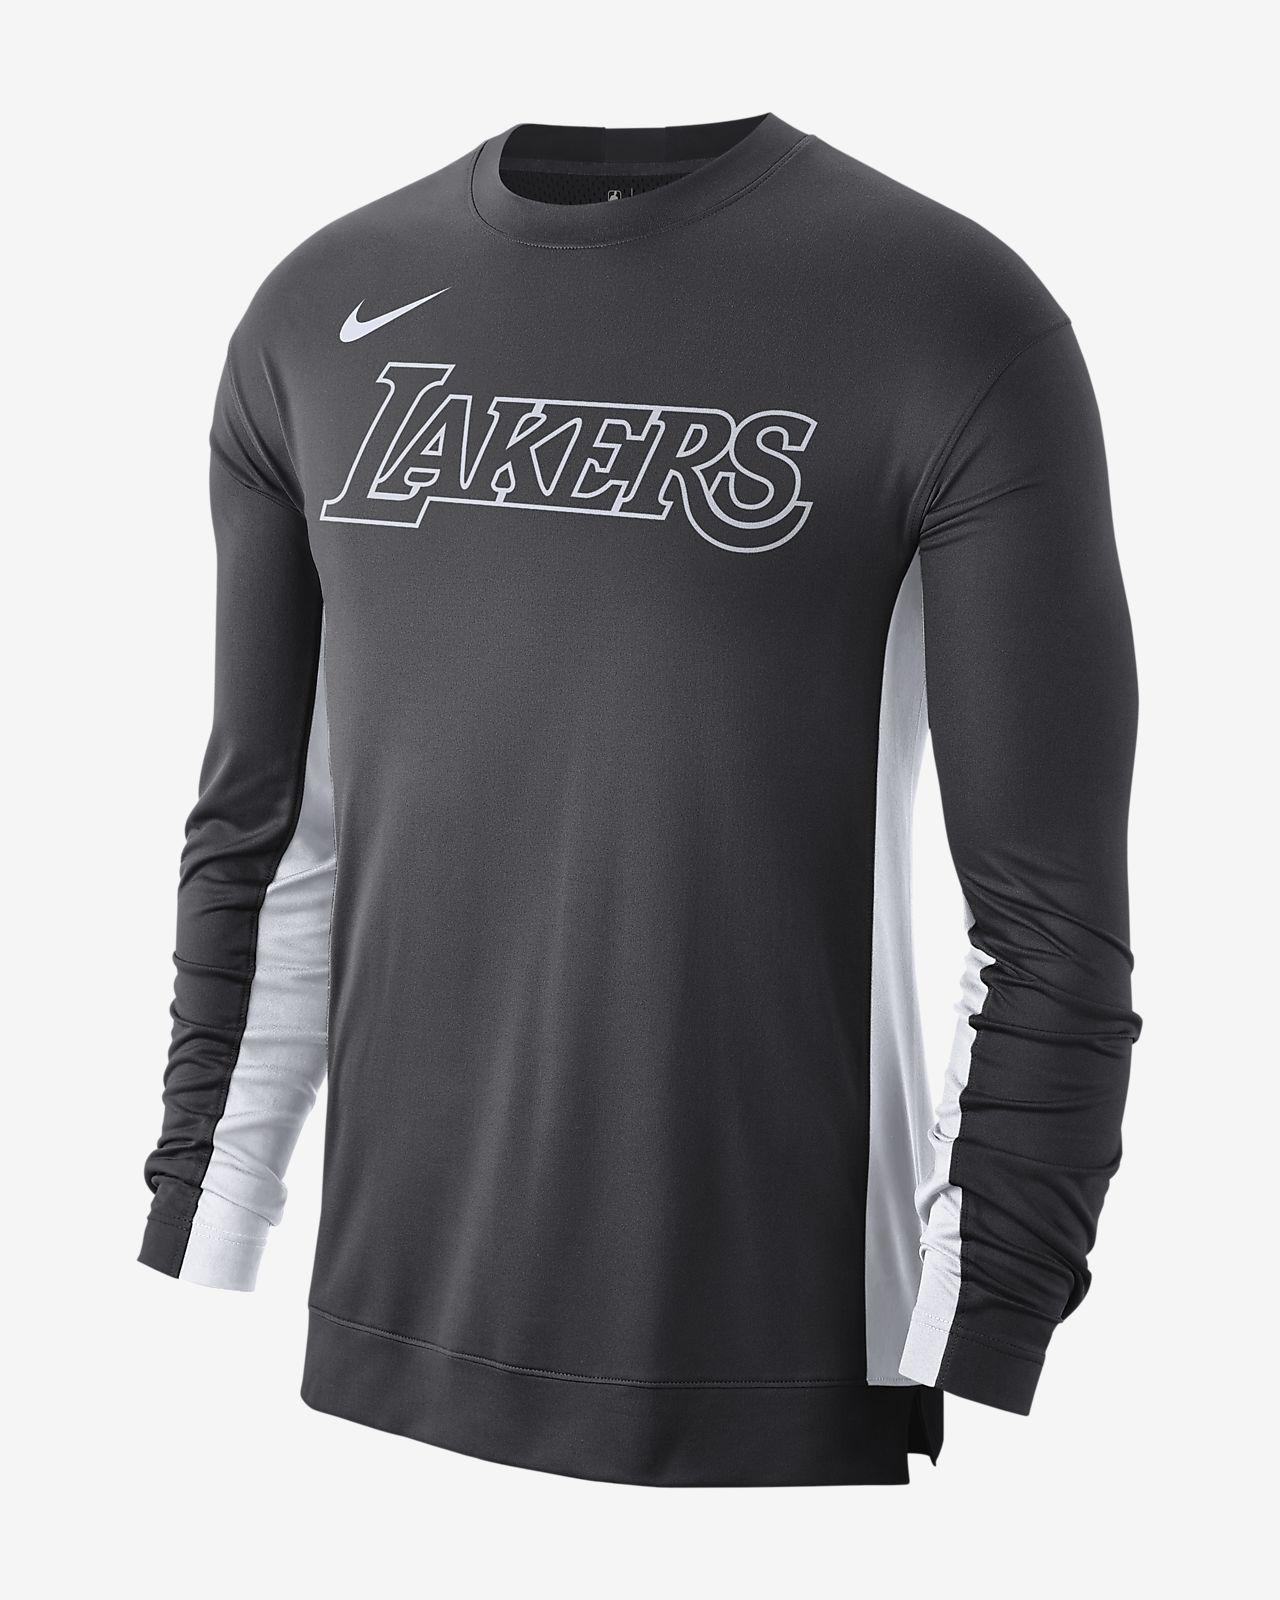 Los Angeles Lakers Nike Dri-FIT Men's NBA Shooting Top